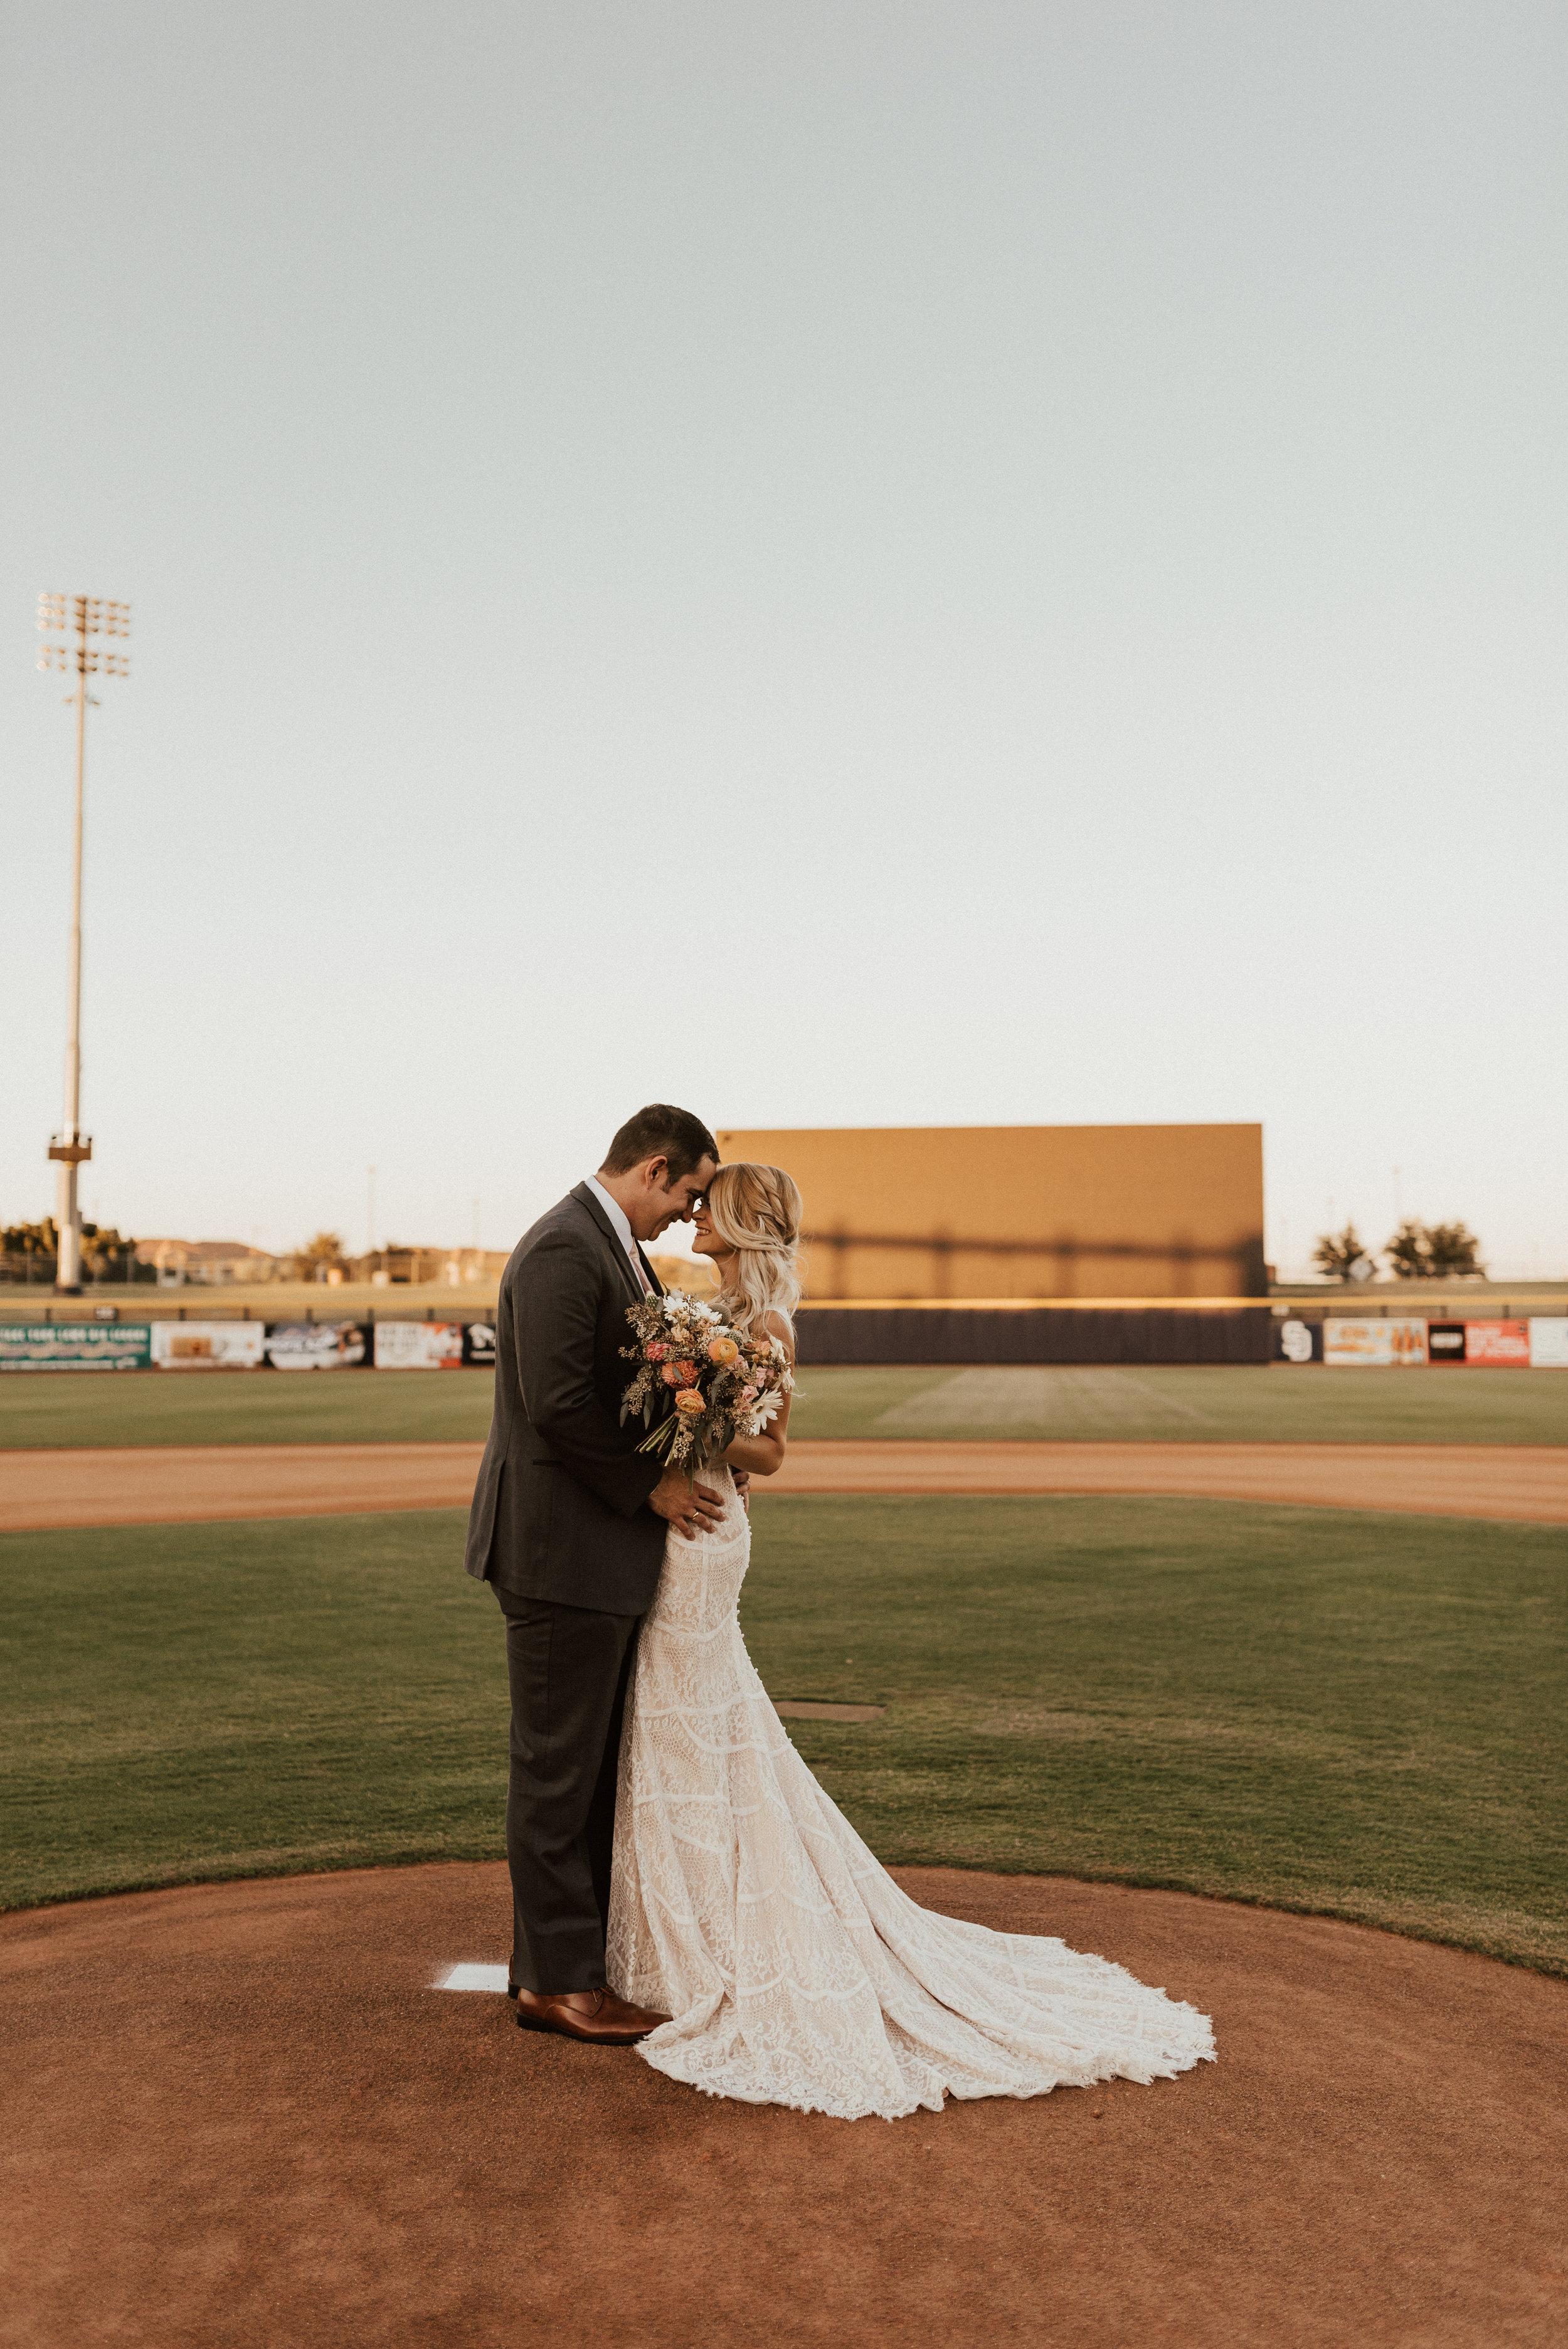 Baseball Stadium Wedding in the Desert